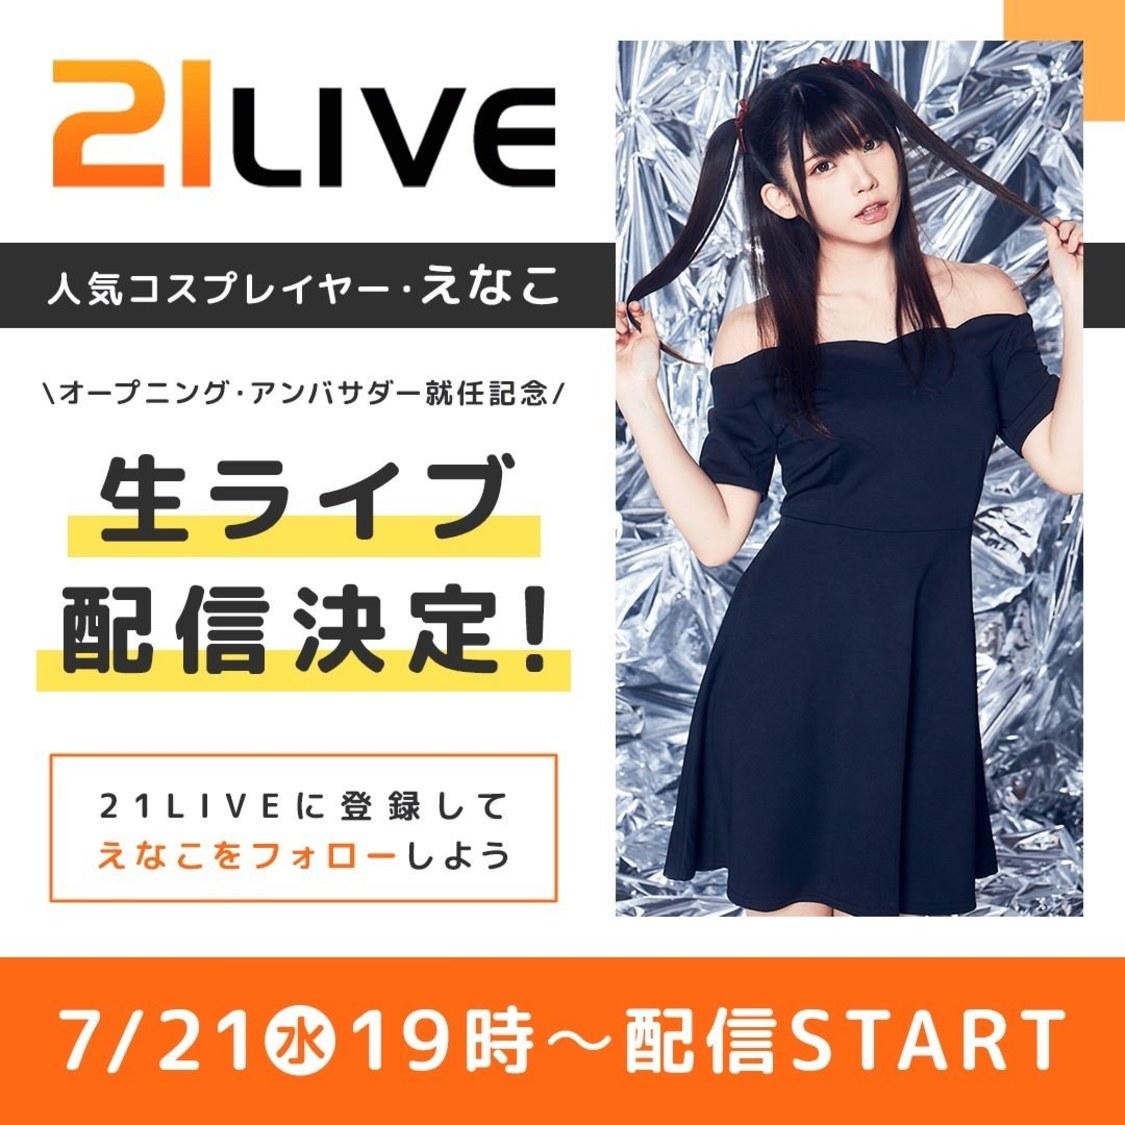 えなこ、新ライブ配信サイト『21LIVE』オープニングアンバサダー就任!